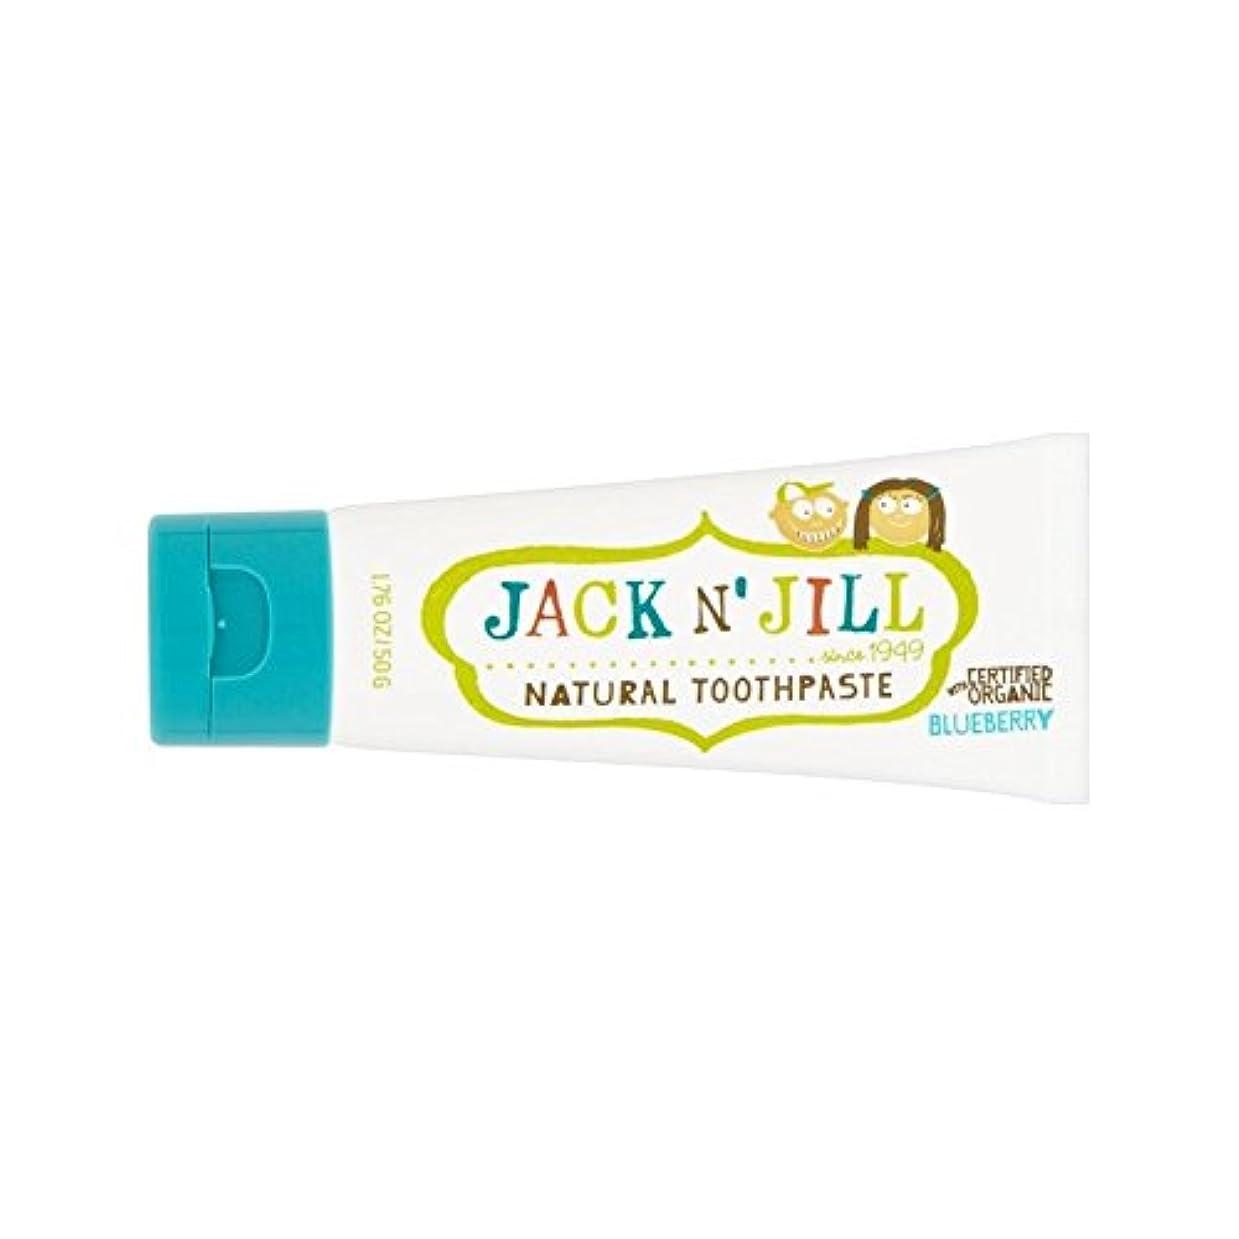 バイナリ驚きも有機香味50グラムとの自然なブルーベリー歯磨き粉 (Jack N Jill) (x 2) - Jack N' Jill Blueberry Toothpaste Natural with Organic Flavouring 50g (Pack of 2) [並行輸入品]